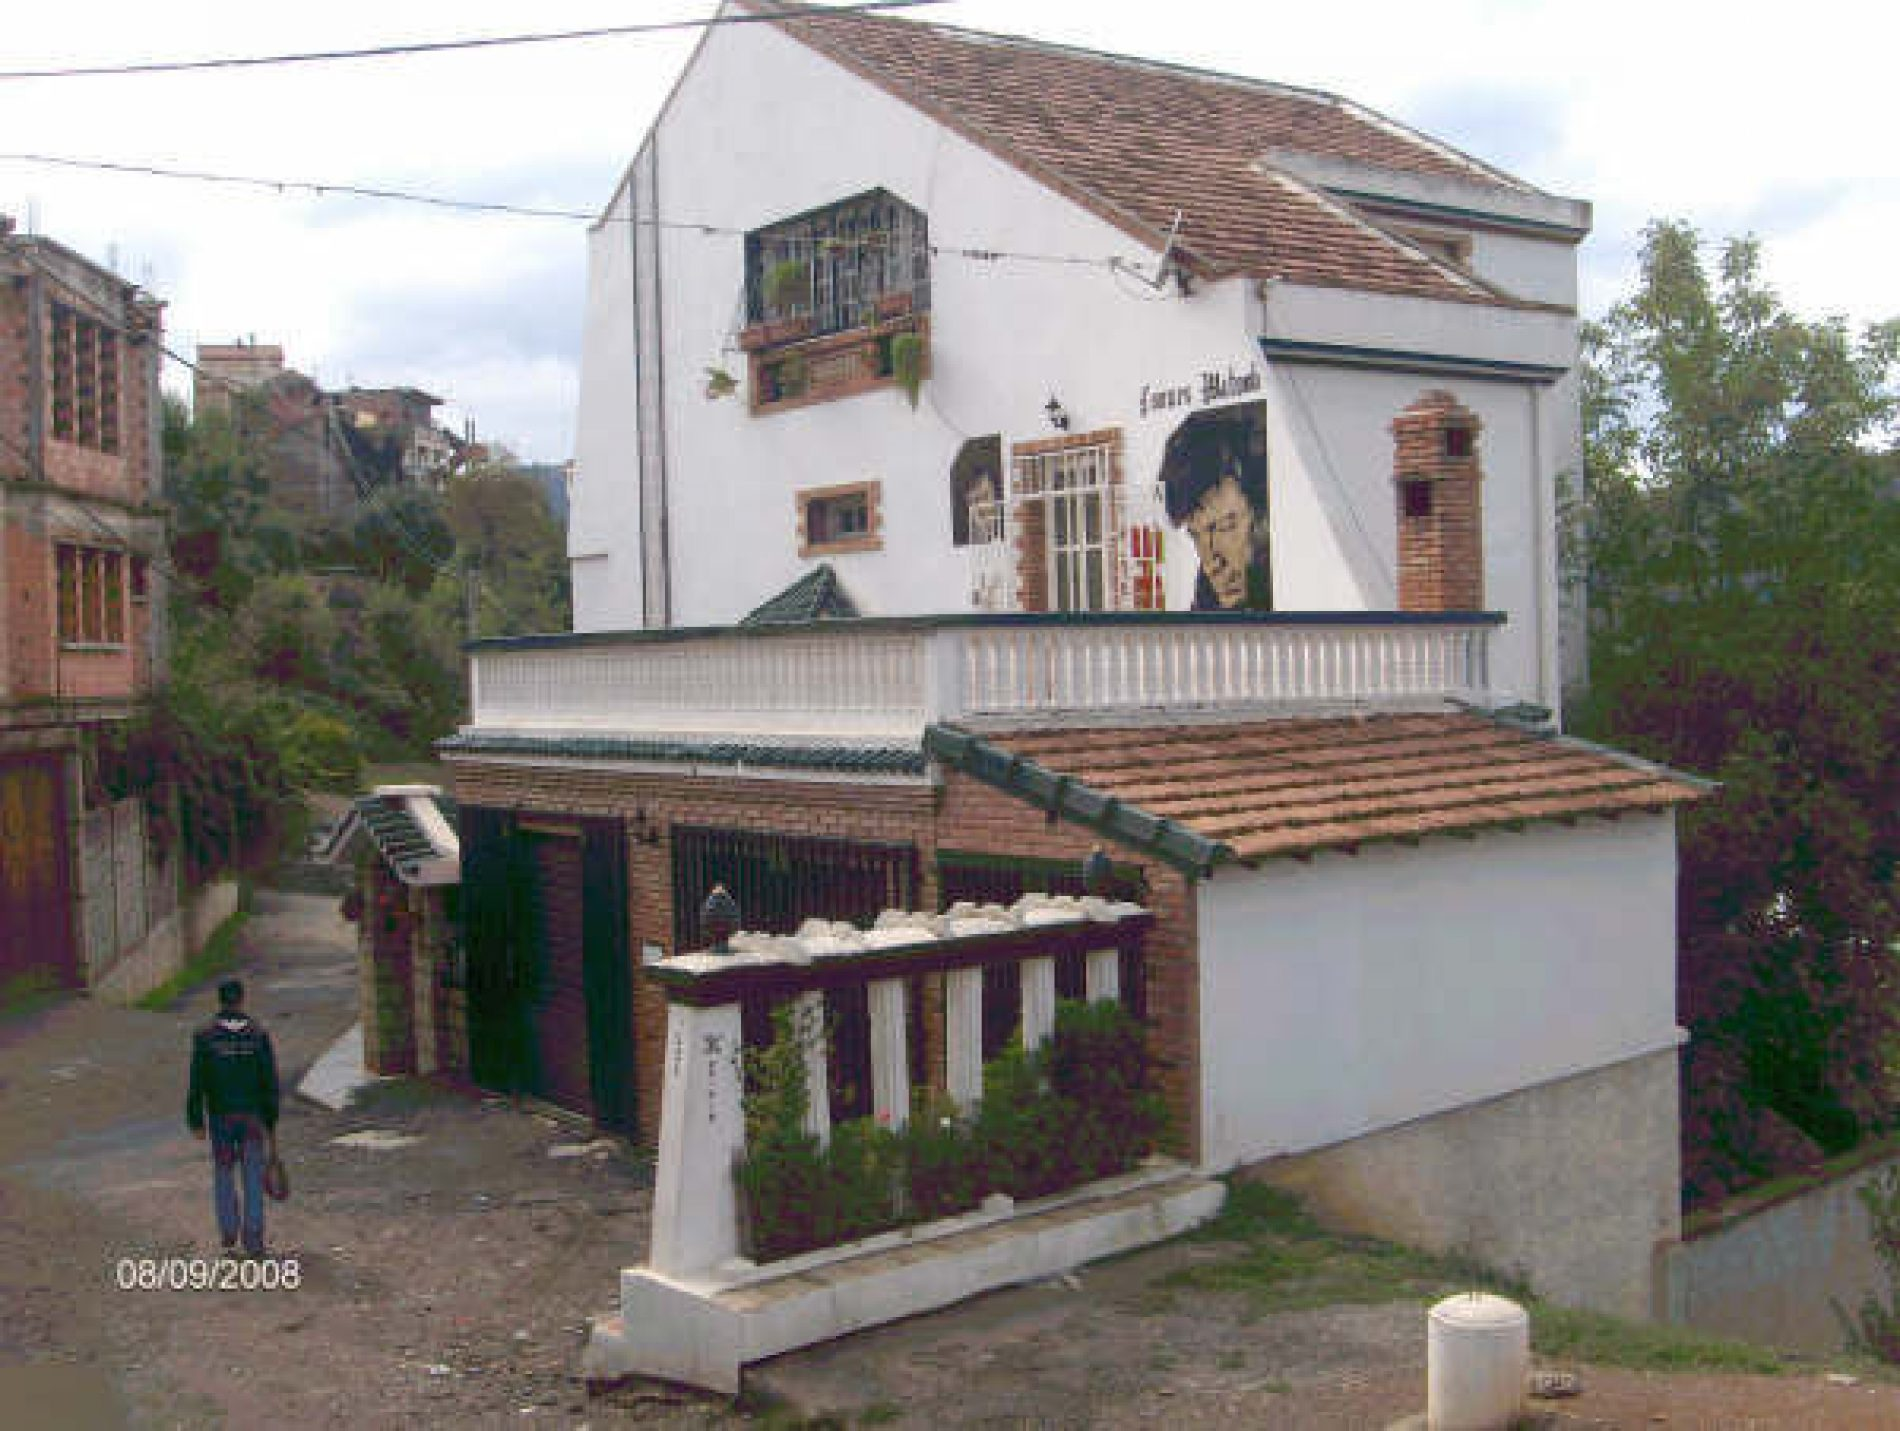 Proposition de classement de la maison Matoub Lounès bien culturel